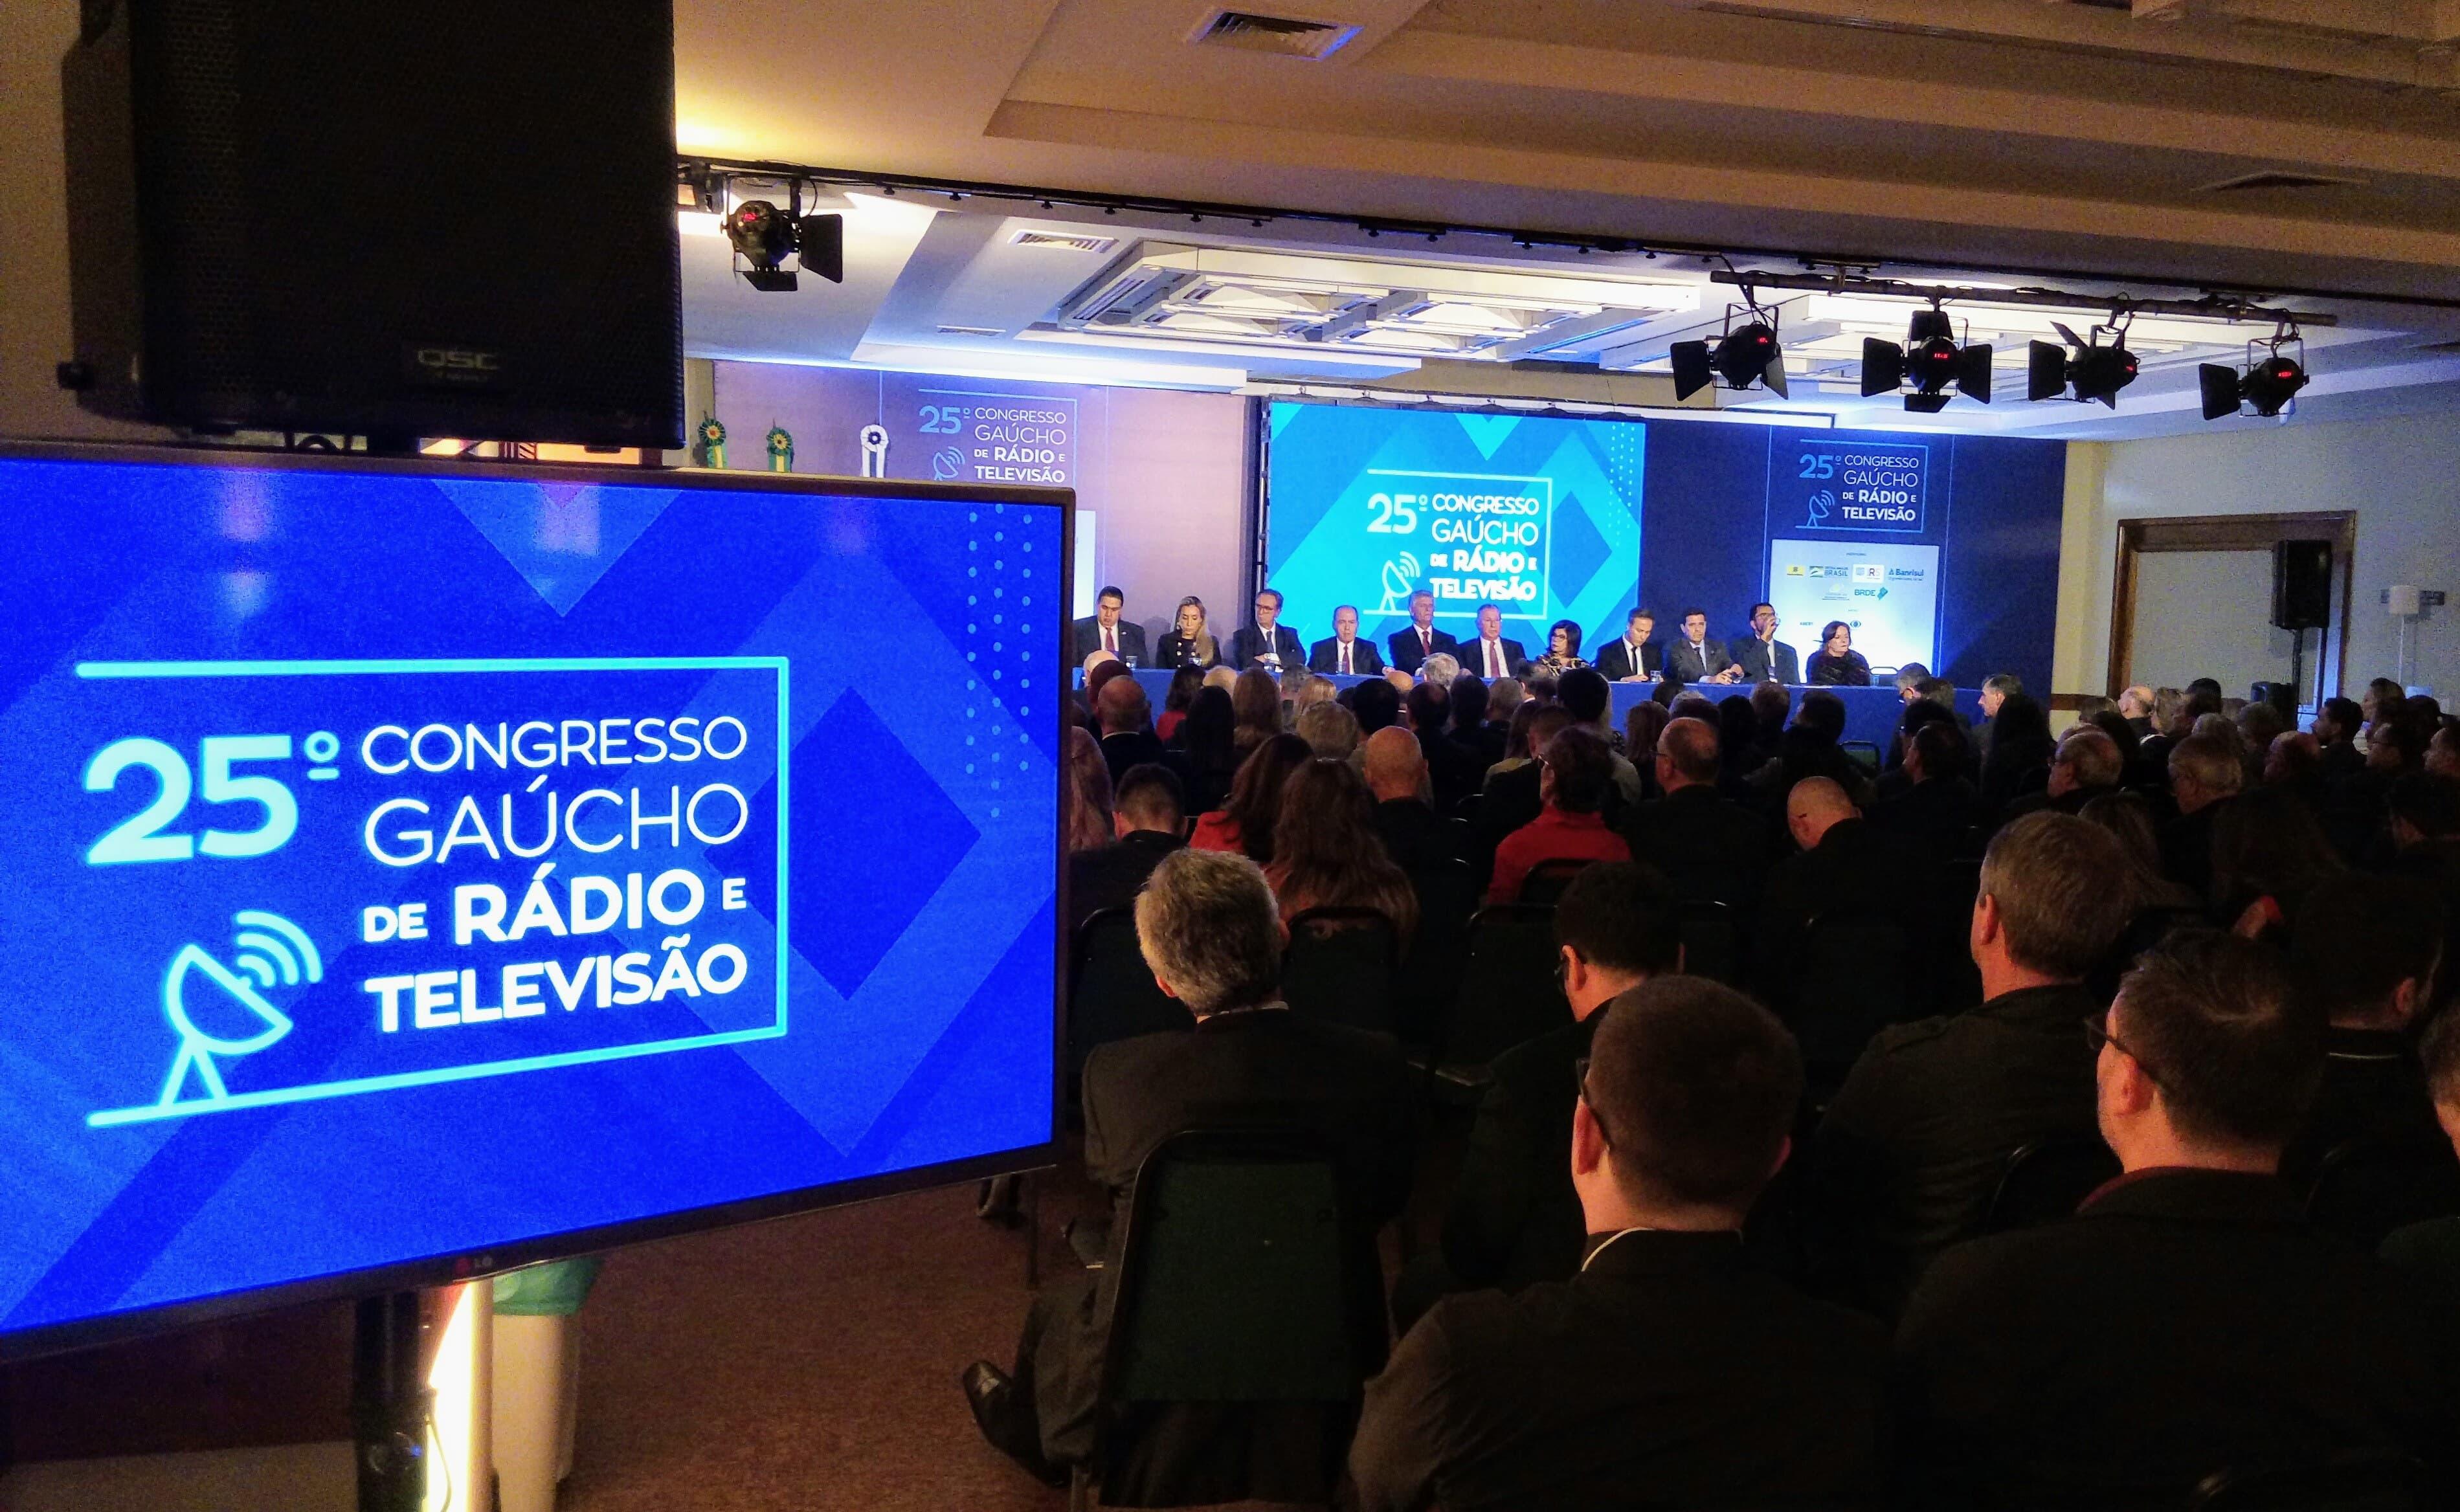 Difusora participa do 25º Congresso Gaúcho de Rádio e Televisão